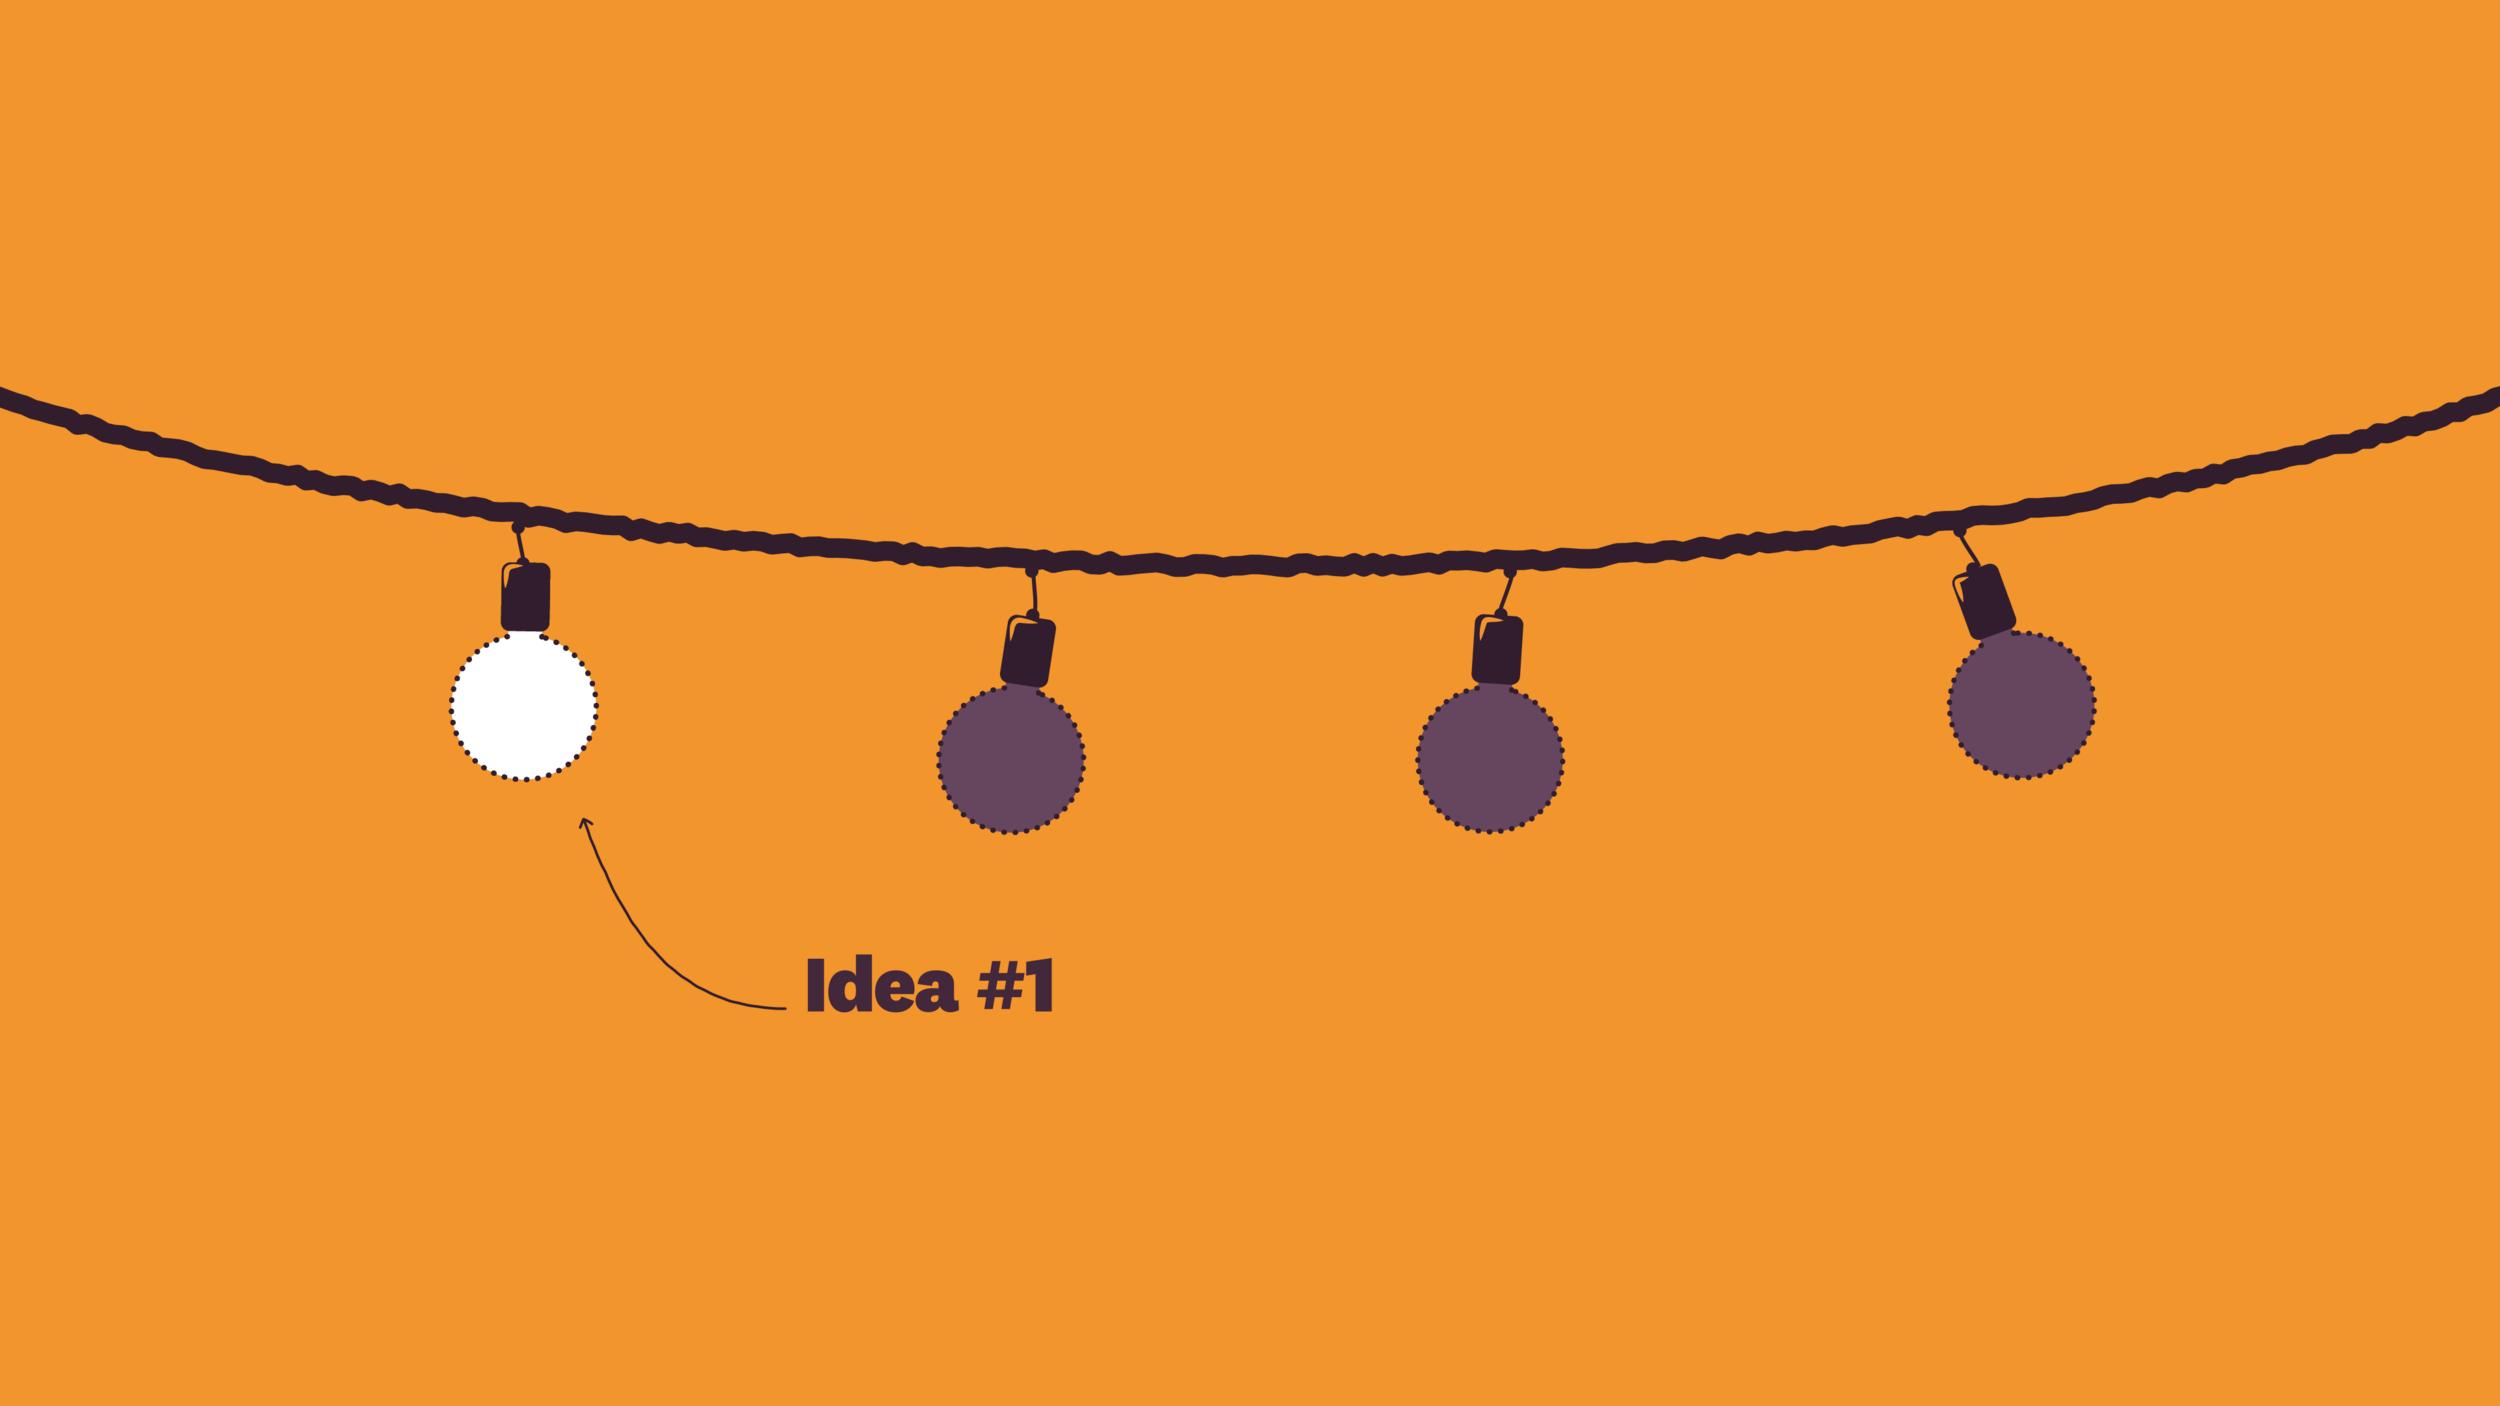 3_Idea #1 (0-00-05-00).png